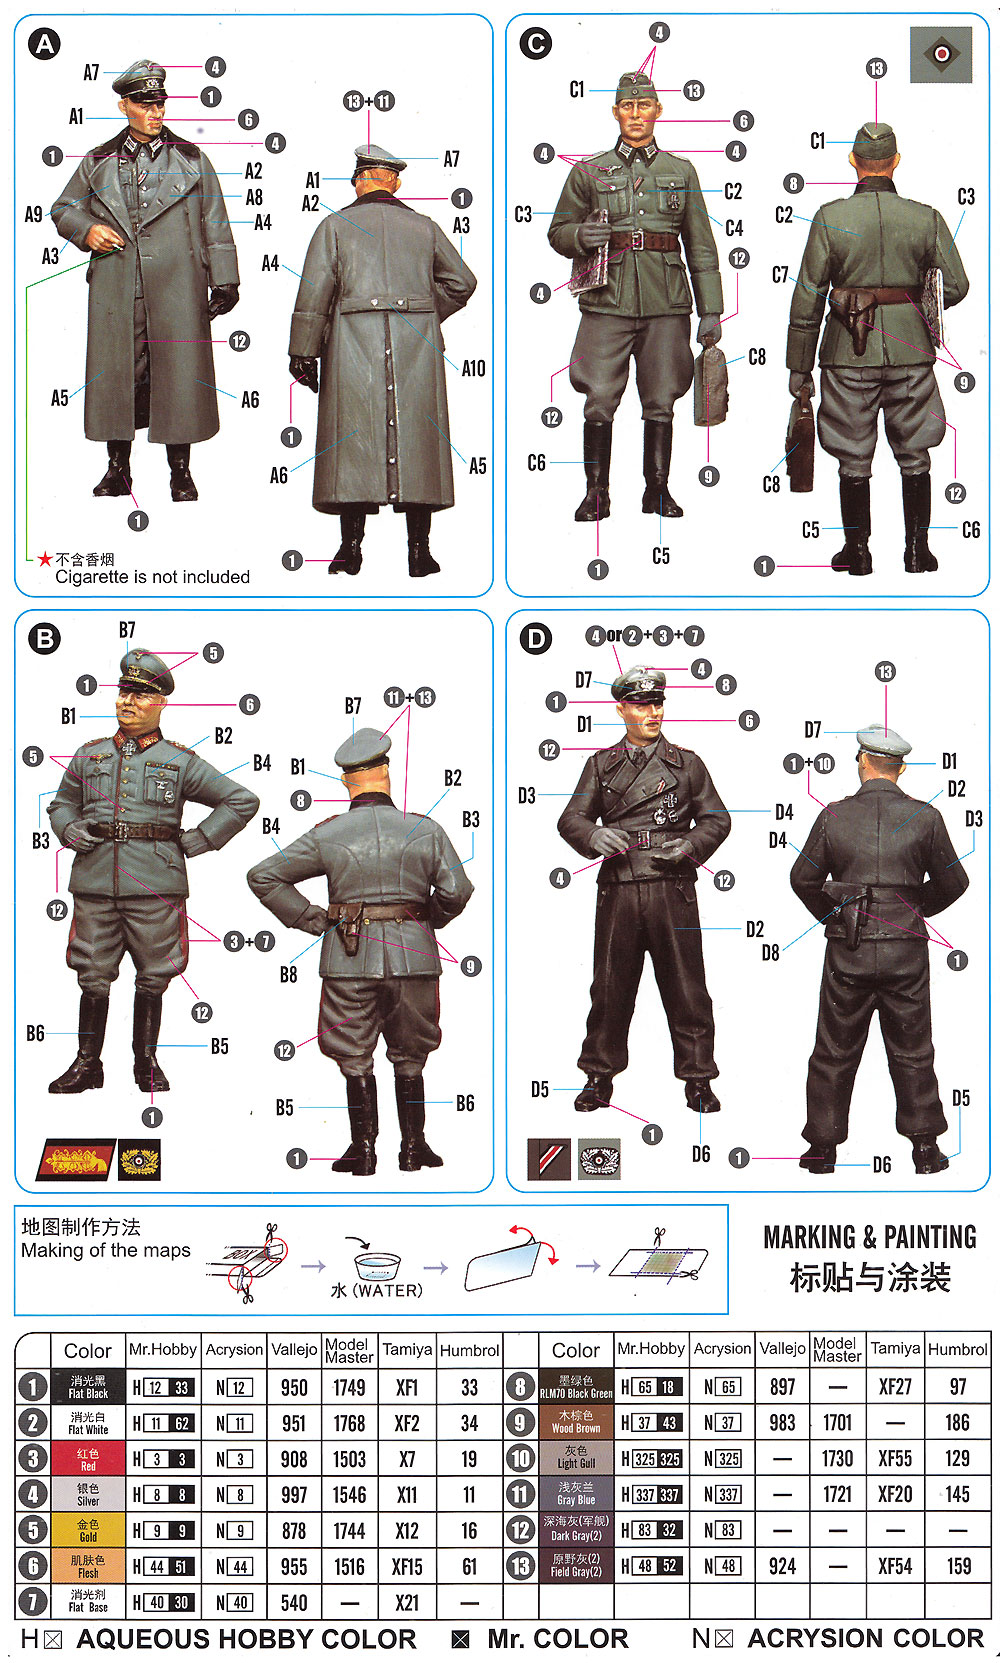 ドイツ将校 野戦会議セットプラモデル(ホビーボス1/35 ファイティングビークル シリーズNo.84406)商品画像_1